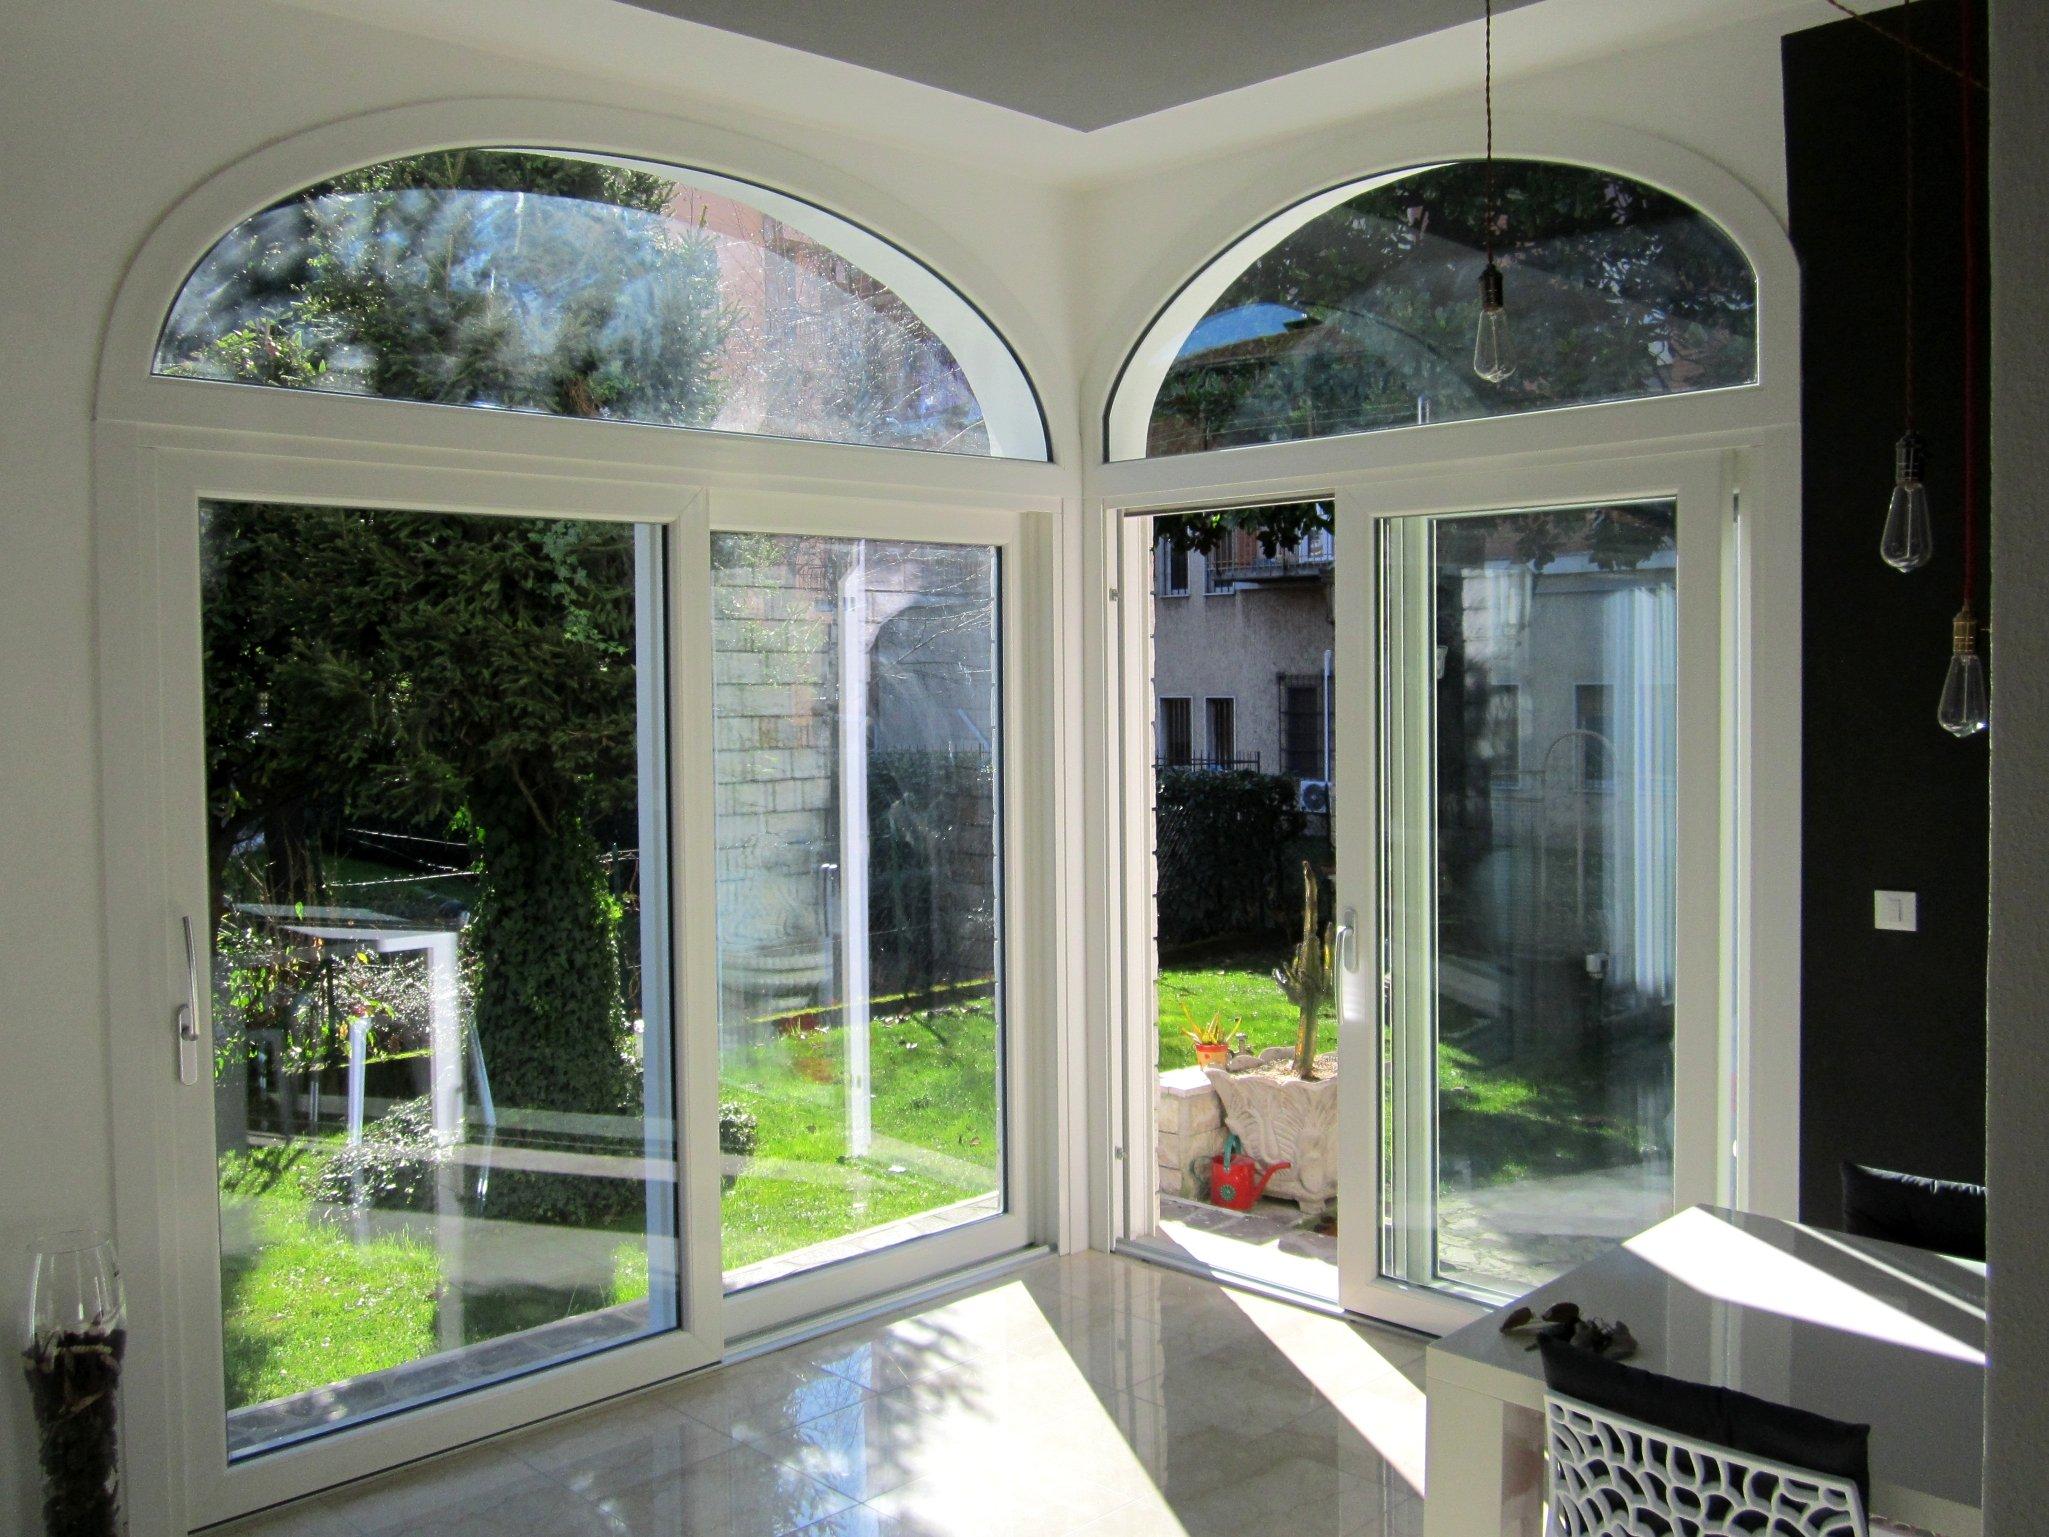 Vetrocamera delle finestre come fatta e quanto costa - Finestre con vetrocamera ...